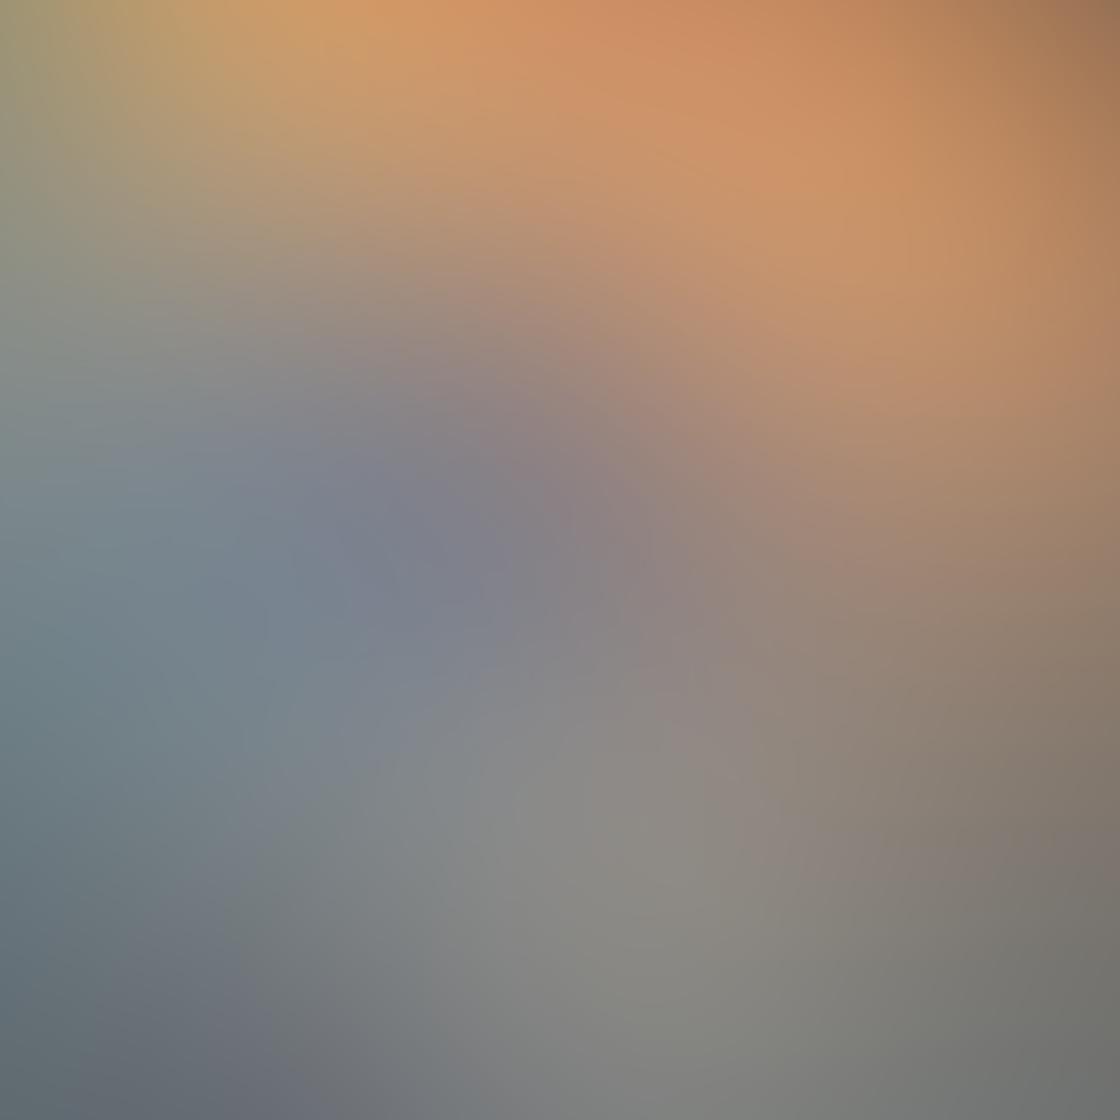 iPhone Photos Portrait Backgrounds 15